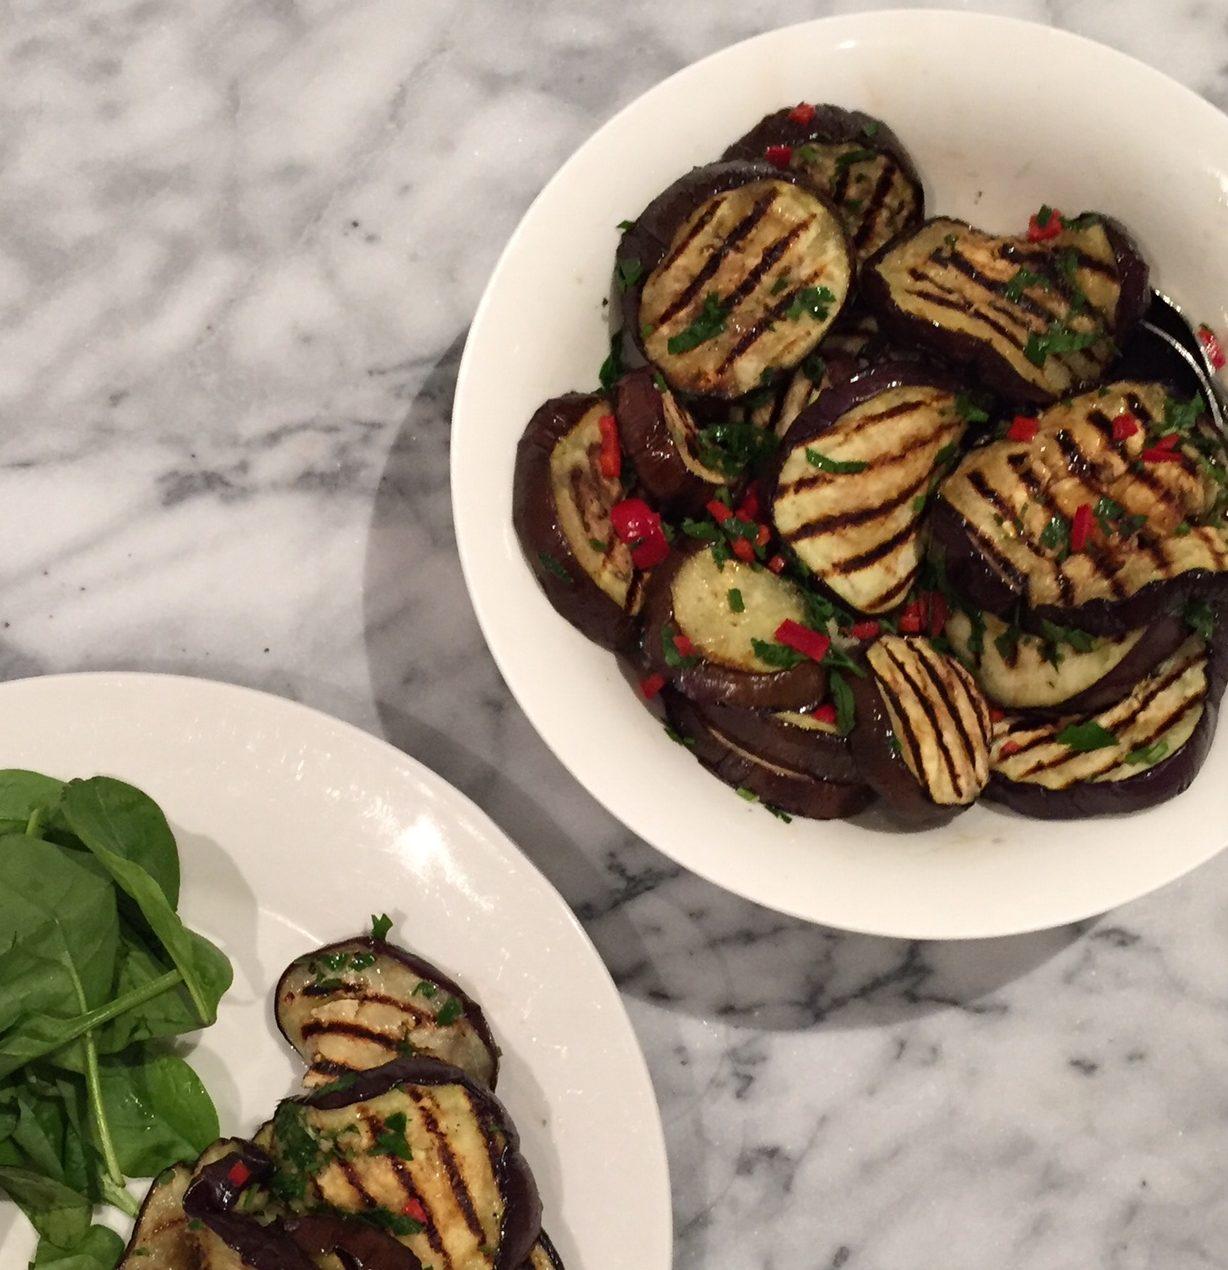 Italian style eggplant salad